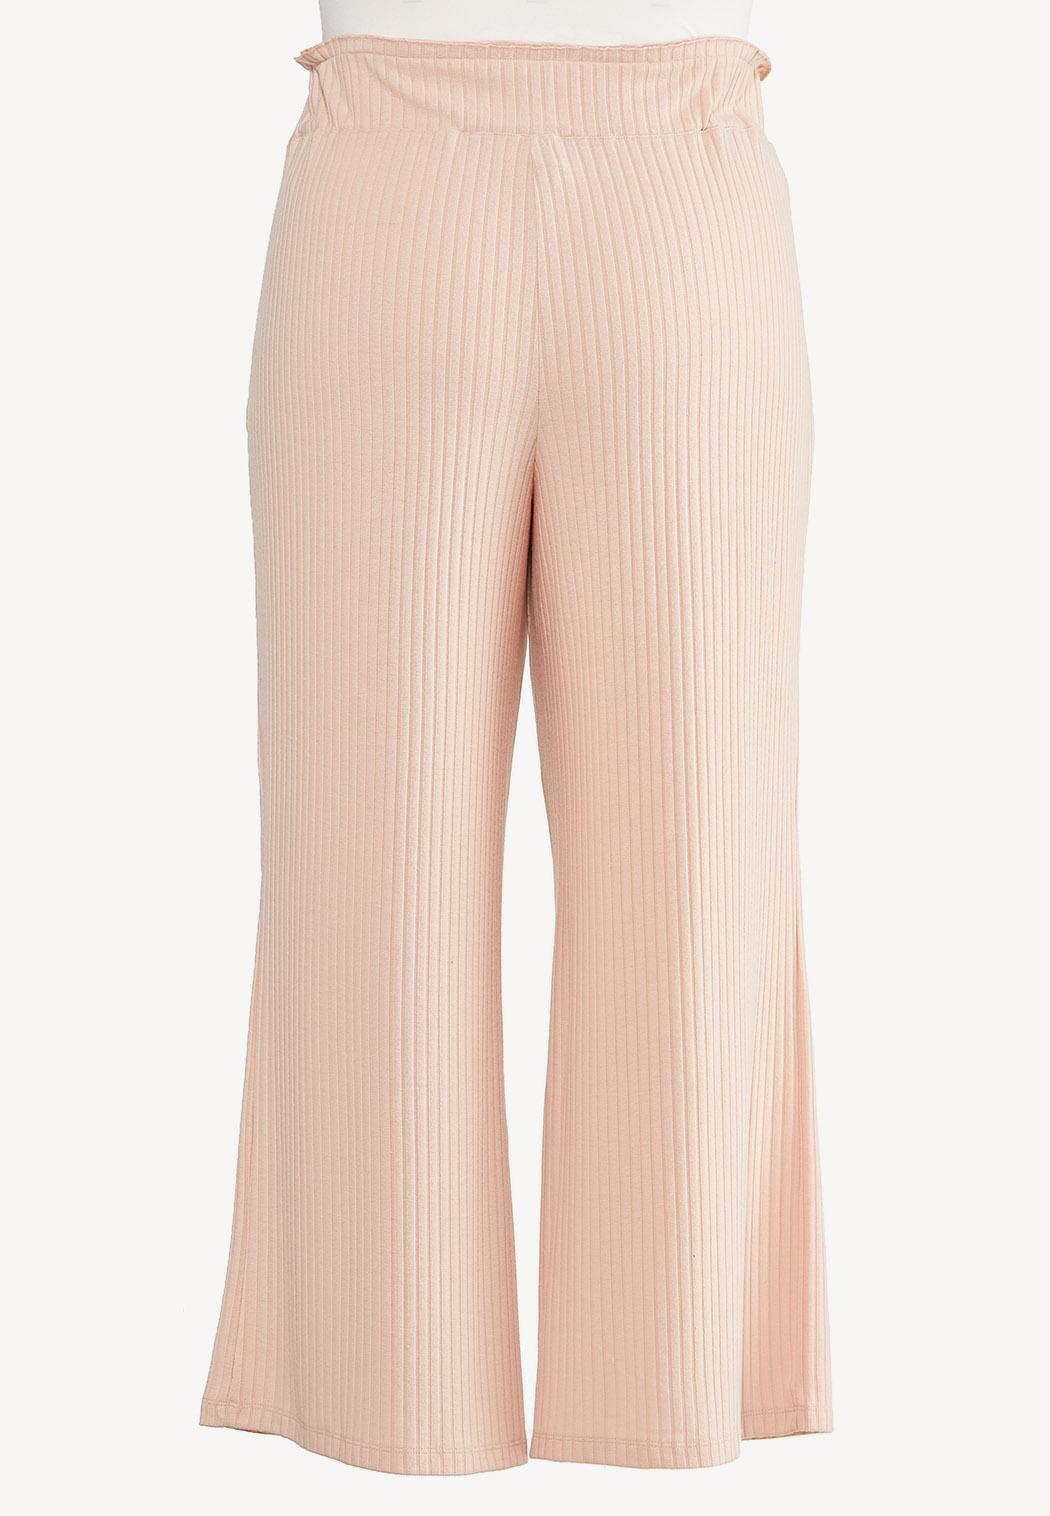 Plus Size Blushing Ribbed Lounge Pants (Item #44613485)